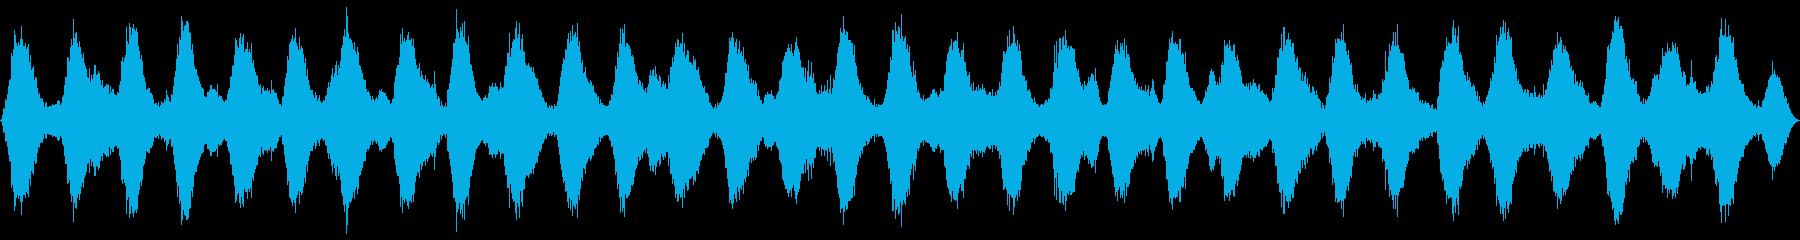 ループ再生可能!3分間の波音の再生済みの波形